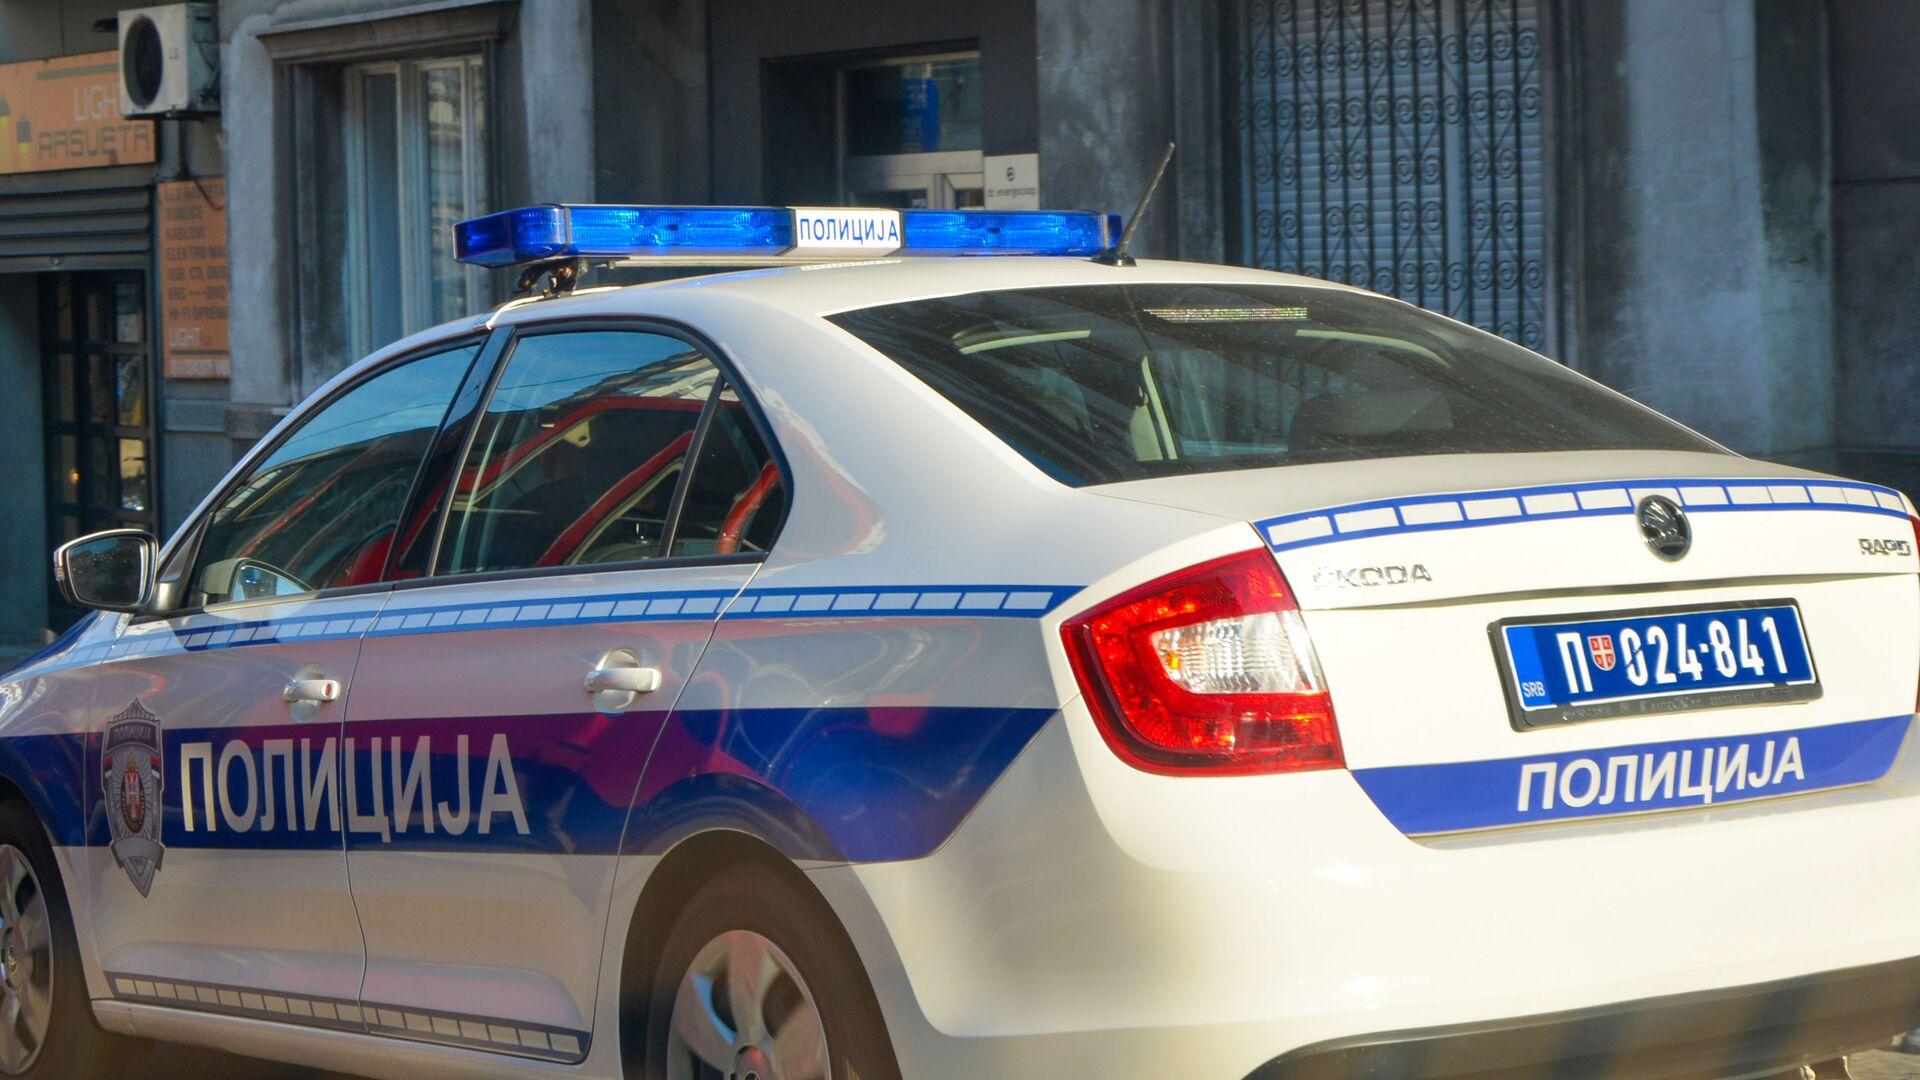 Policijska kola  - Sputnik Srbija, 1920, 29.09.2021